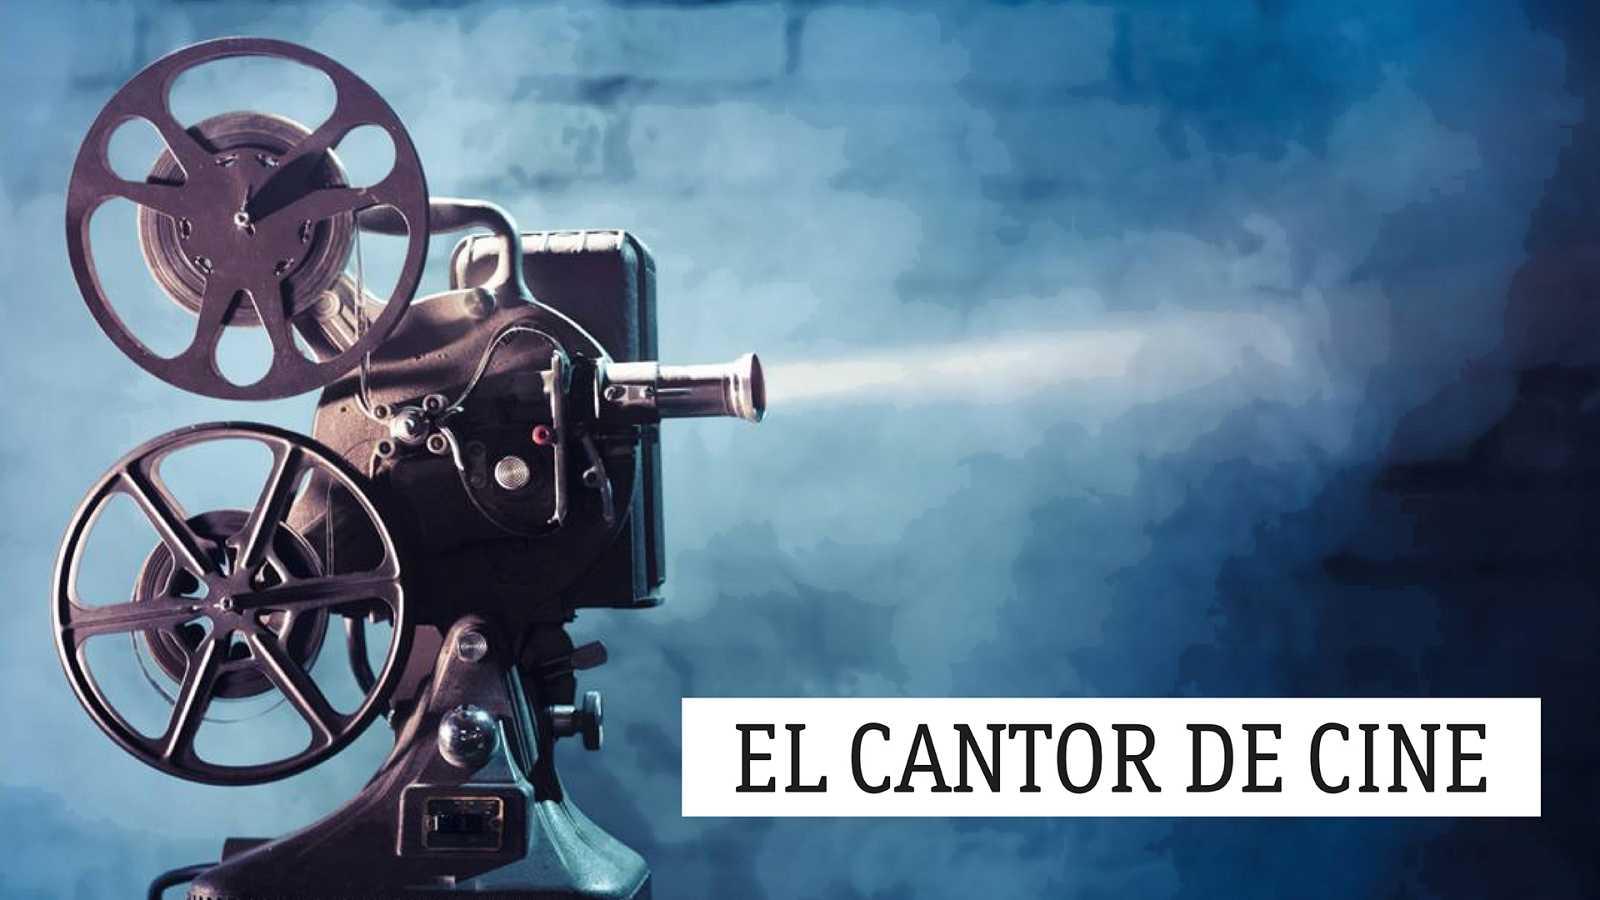 El cantor de cine - Especial John Lurie: Trabajos para Cine y Televisión (1991-1998) (1ª Parte) - 22/03/21 - escuchar ahora